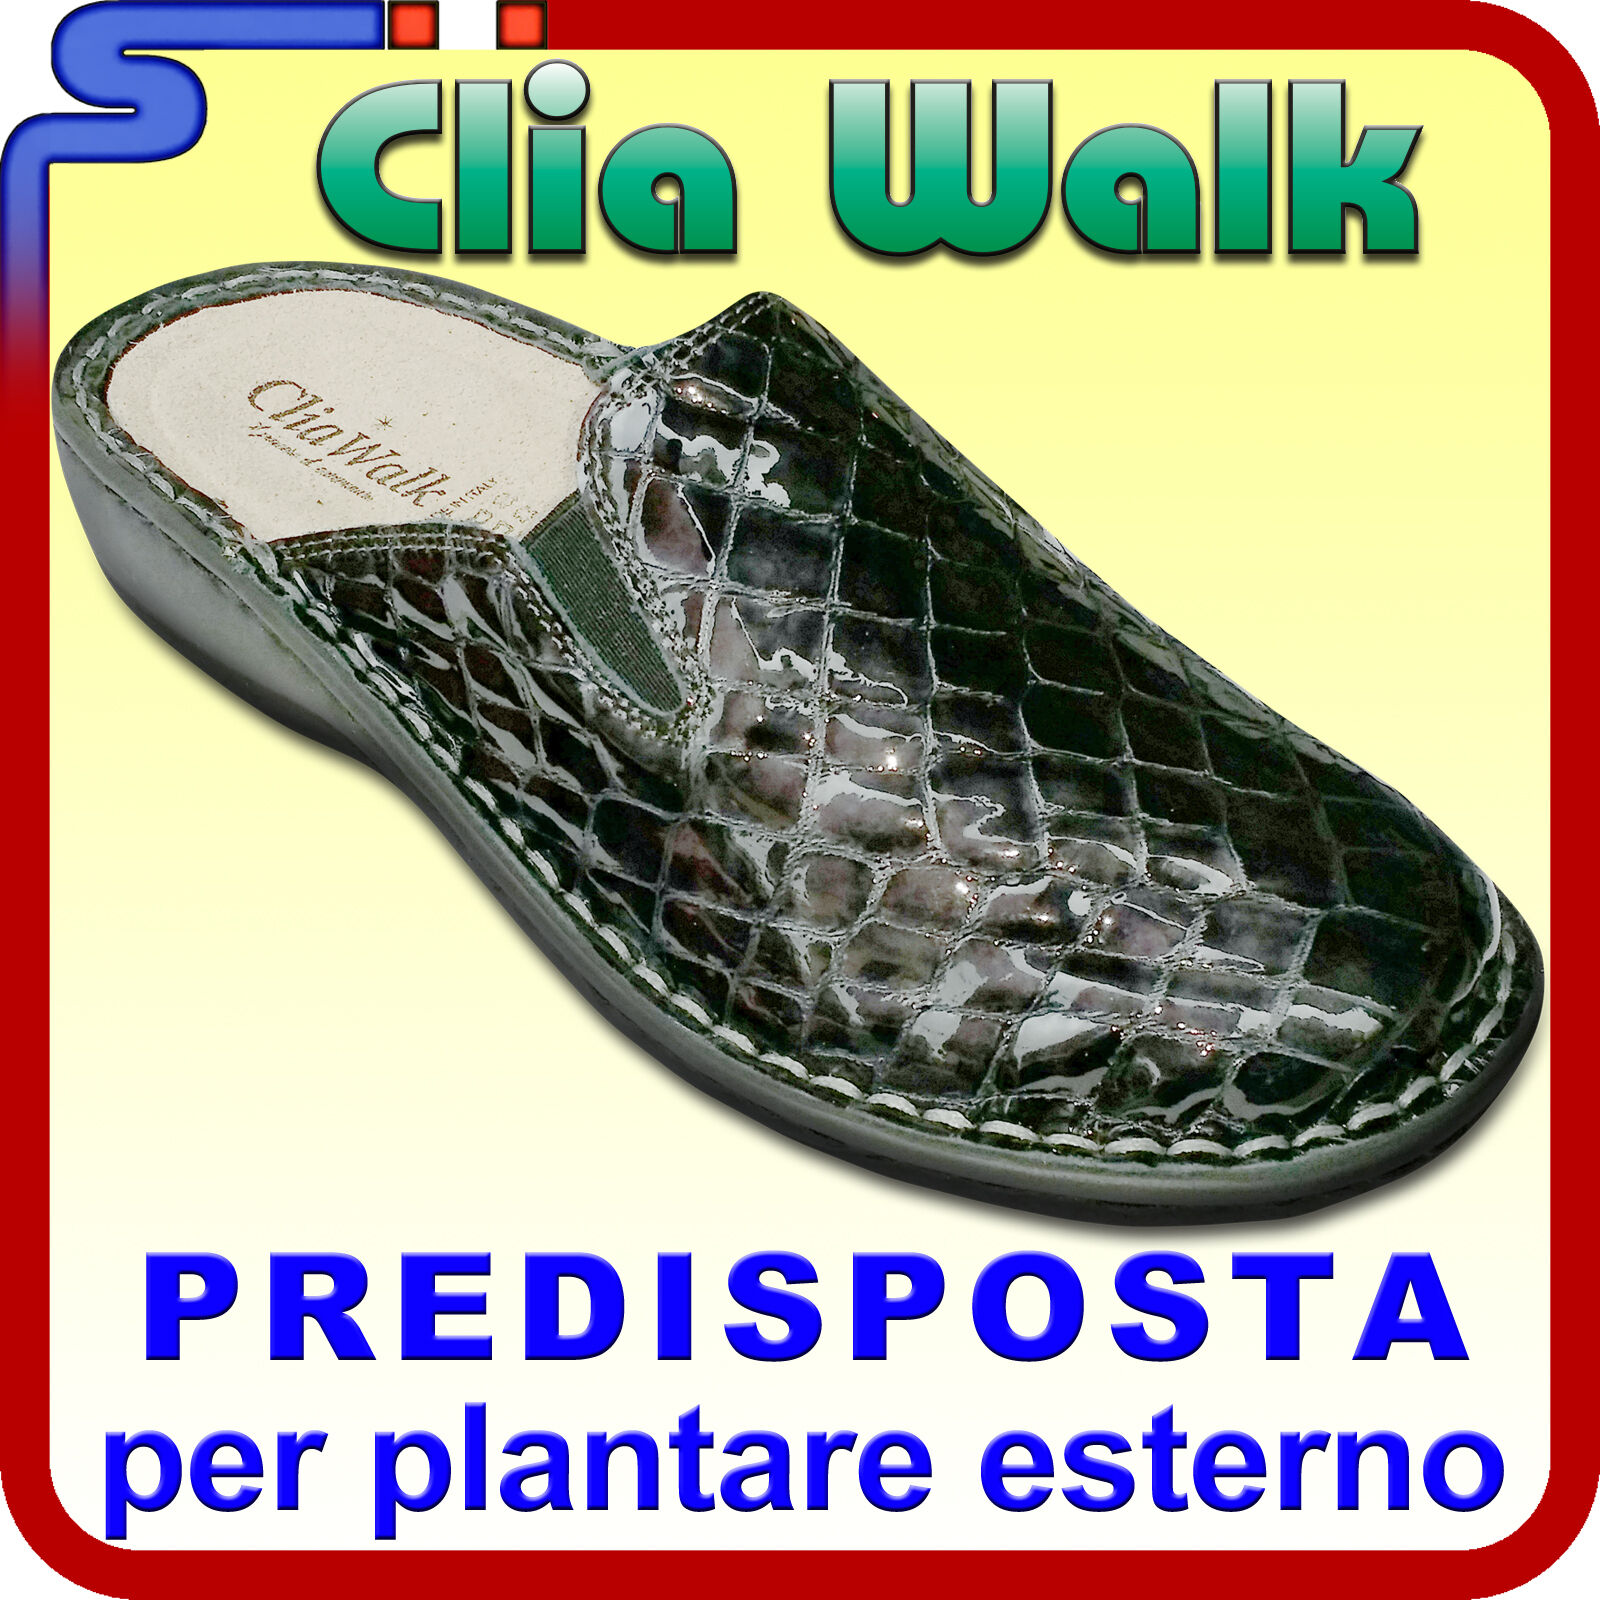 PANTOFOLA INVERNALE COLORE IN PELLE CLIA WALK COLORE INVERNALE ANTRACITE PANTOFOLE PREDISPOSTA db0e50